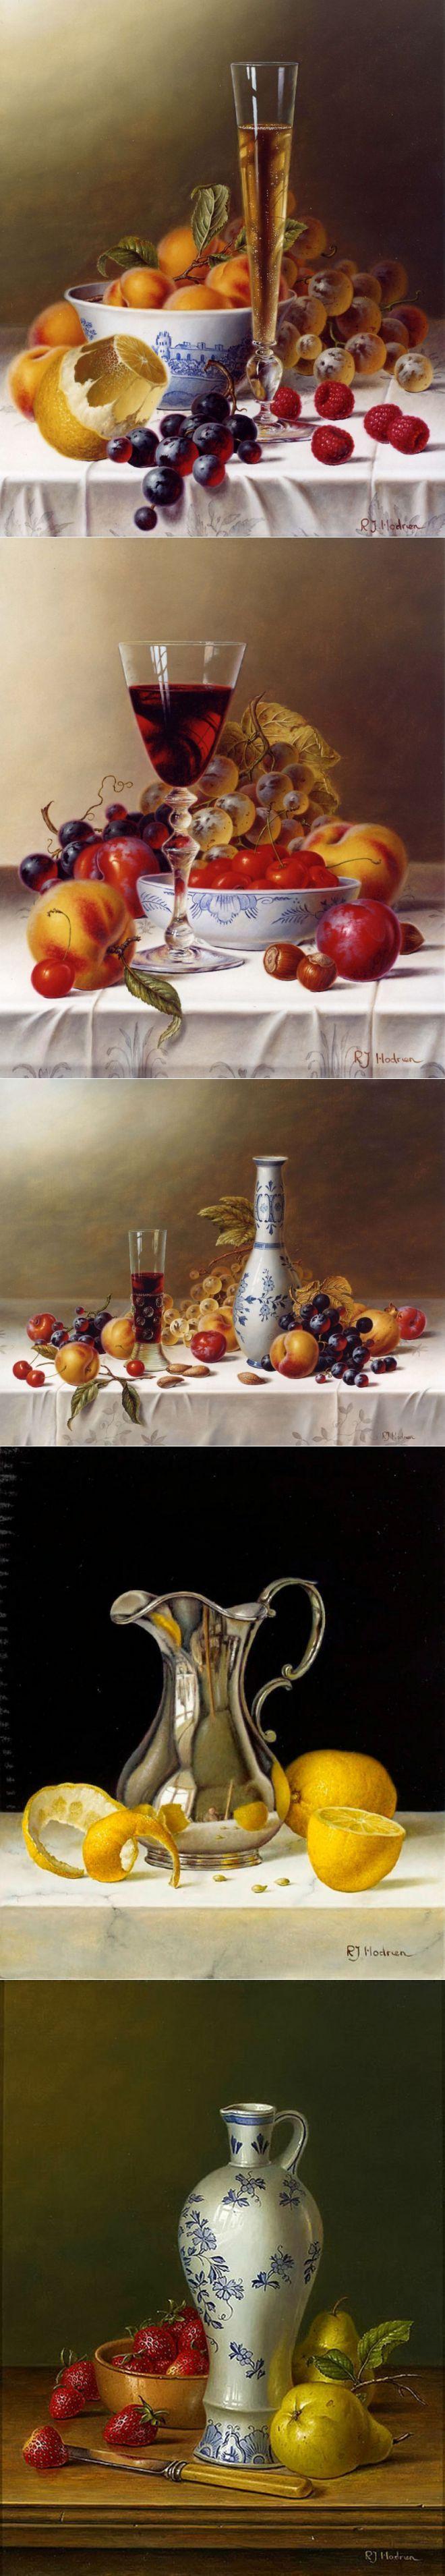 Реализм Roy Hodrien... 'Пейте вино зимой, потому что холодно, а летом – потом� | искусство | Постила